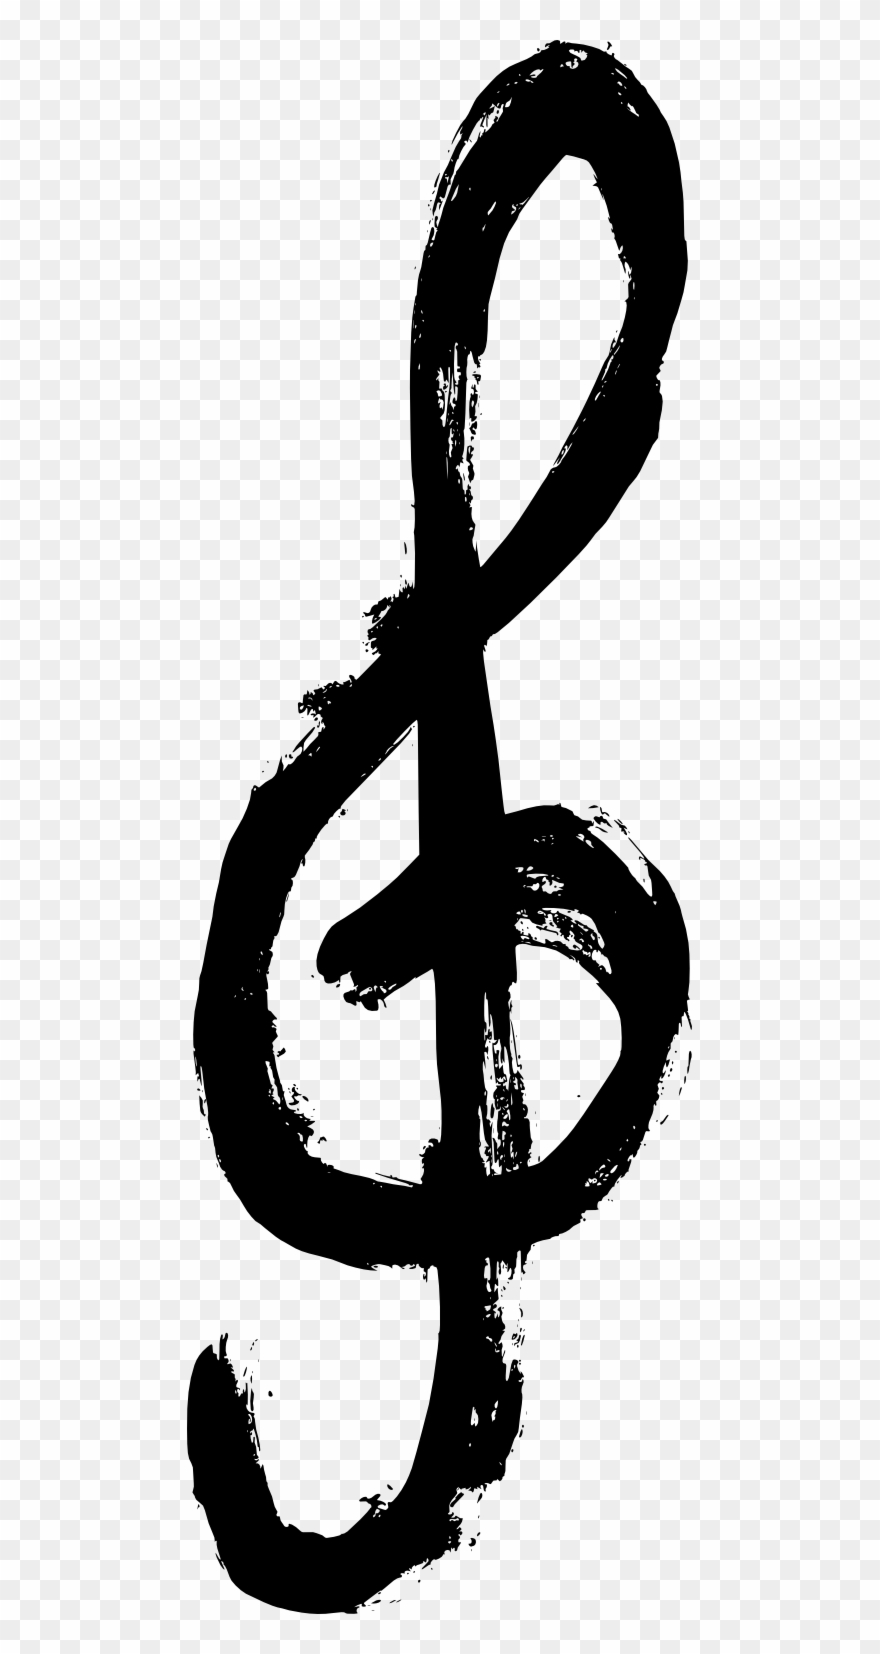 Infinity Symbol Png Transparent.